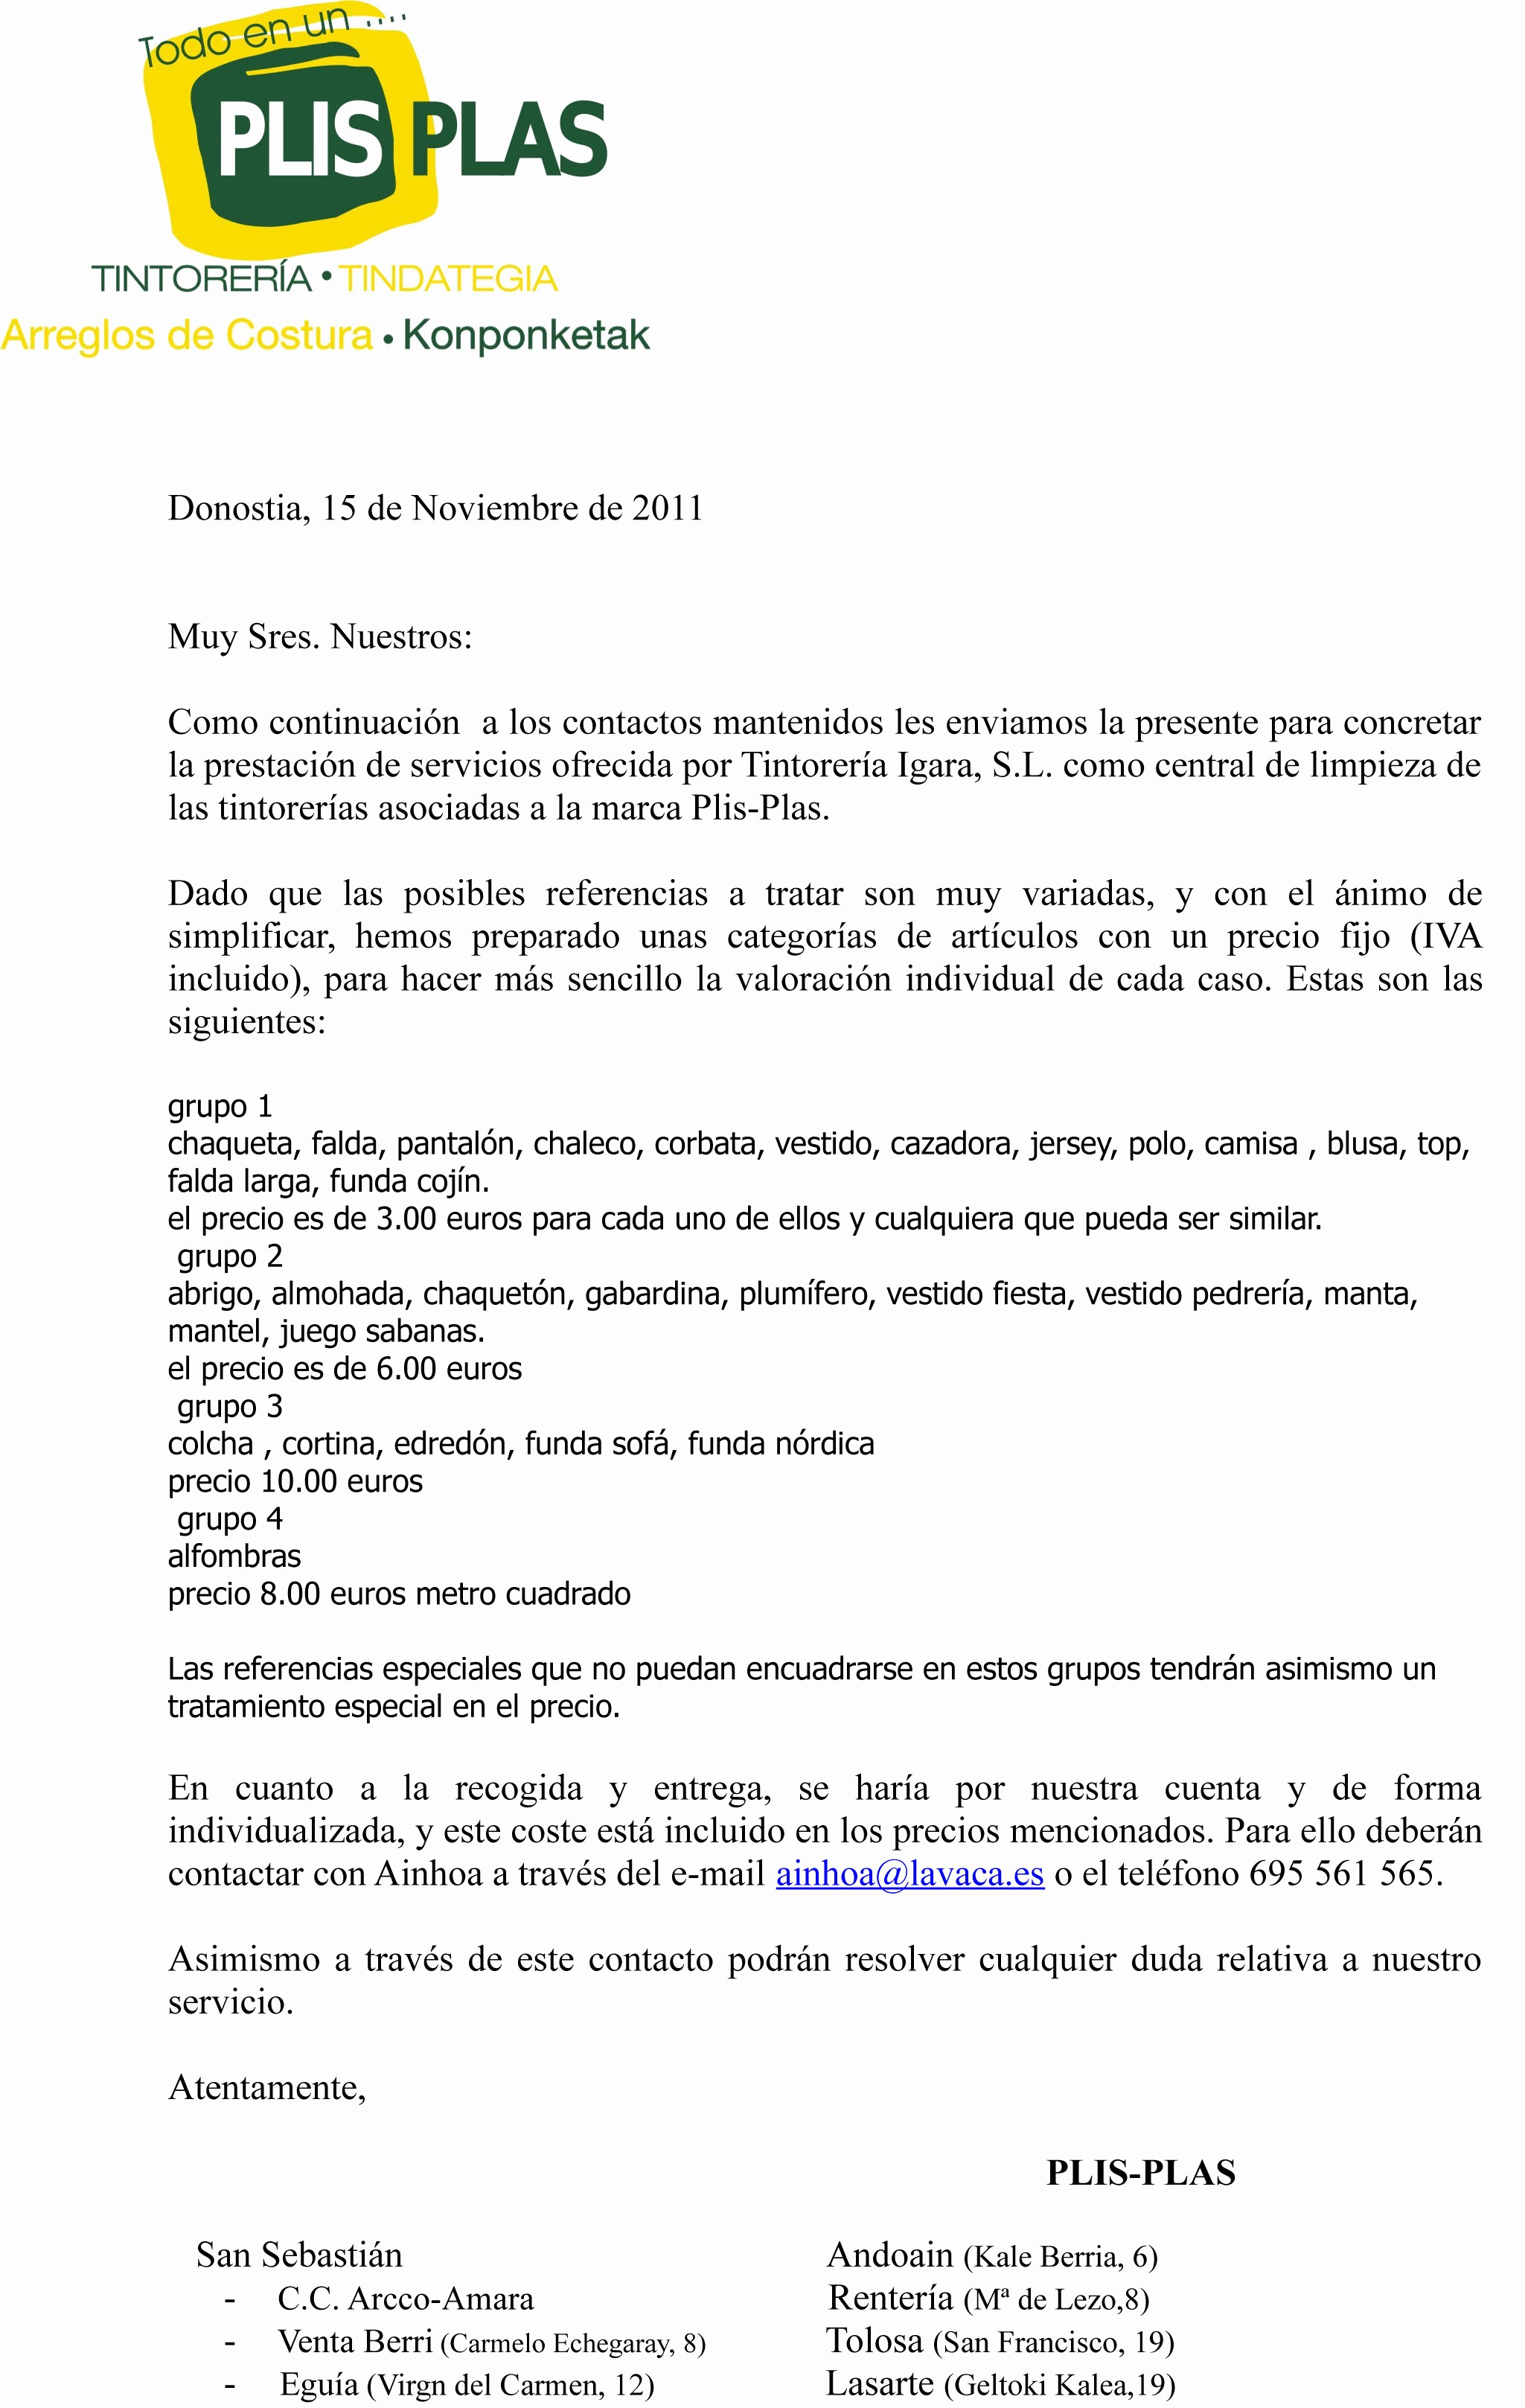 Carta De Oferta De Trabajo Best Of Precios Especiales Para Damnificados Por Las Inundaciones